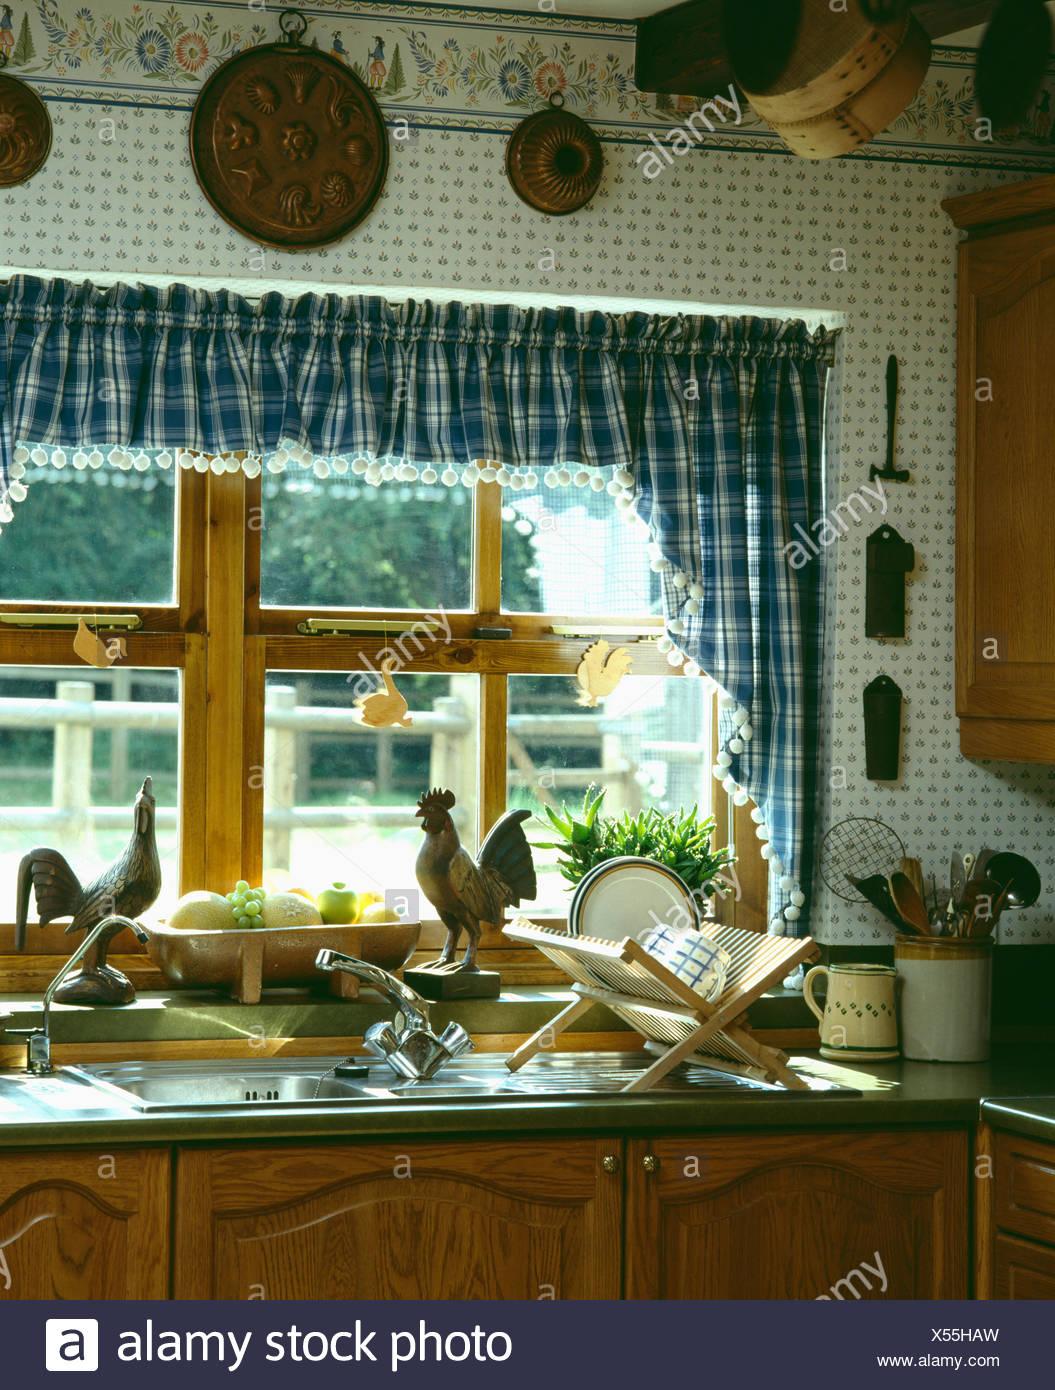 Blue & white controllato tende e mantovane sulla finestra al ...